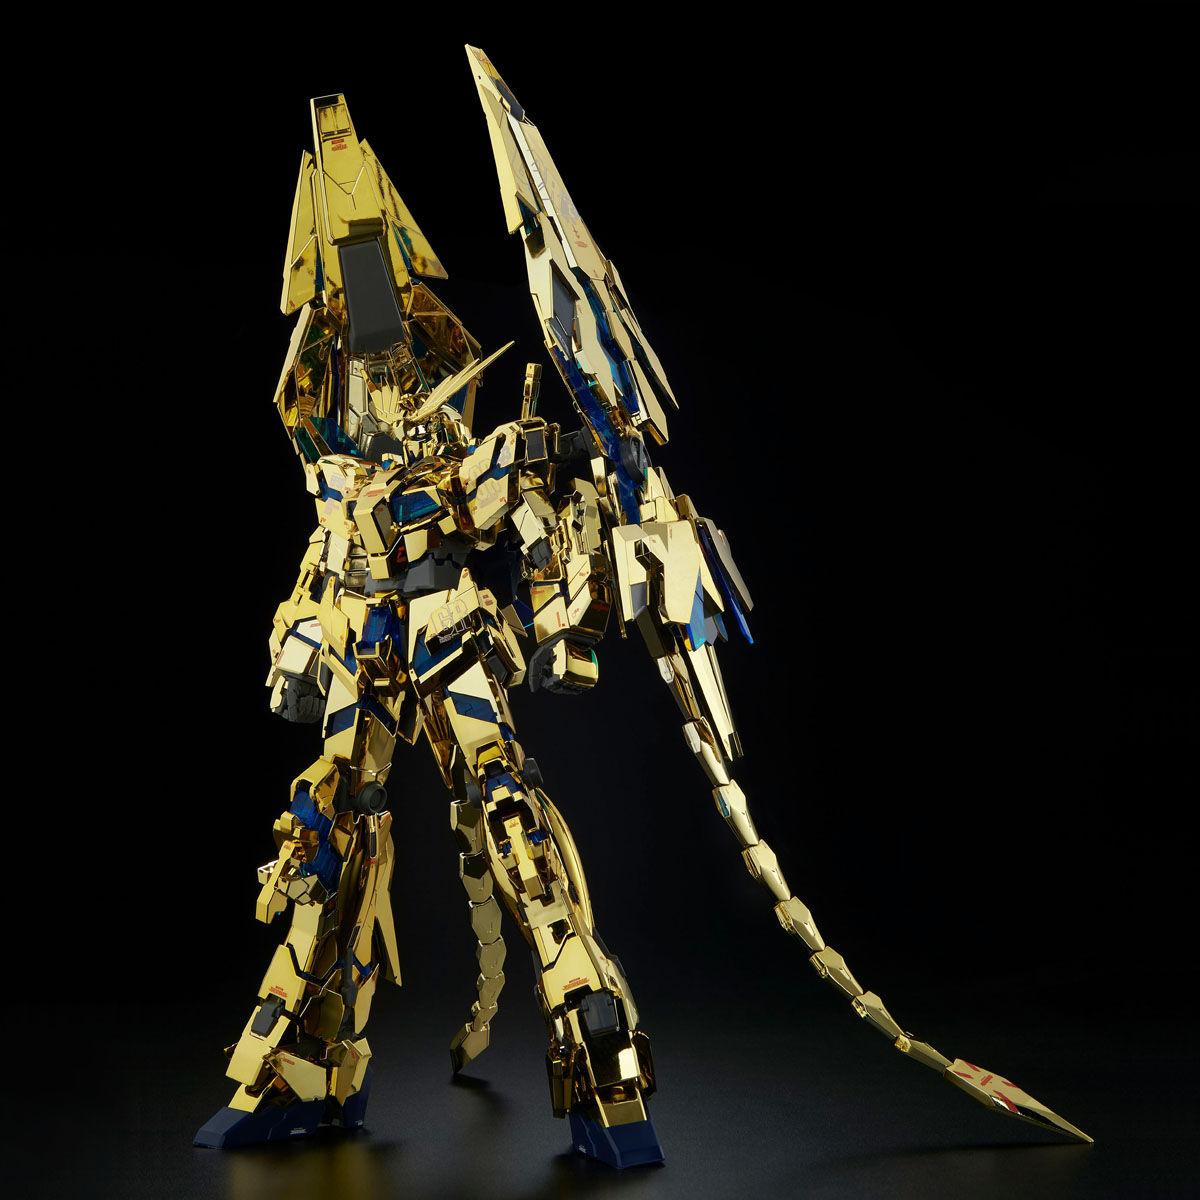 ユニコーンガンダム3号機 フェネクス (ナラティブVer.)【4. undefined